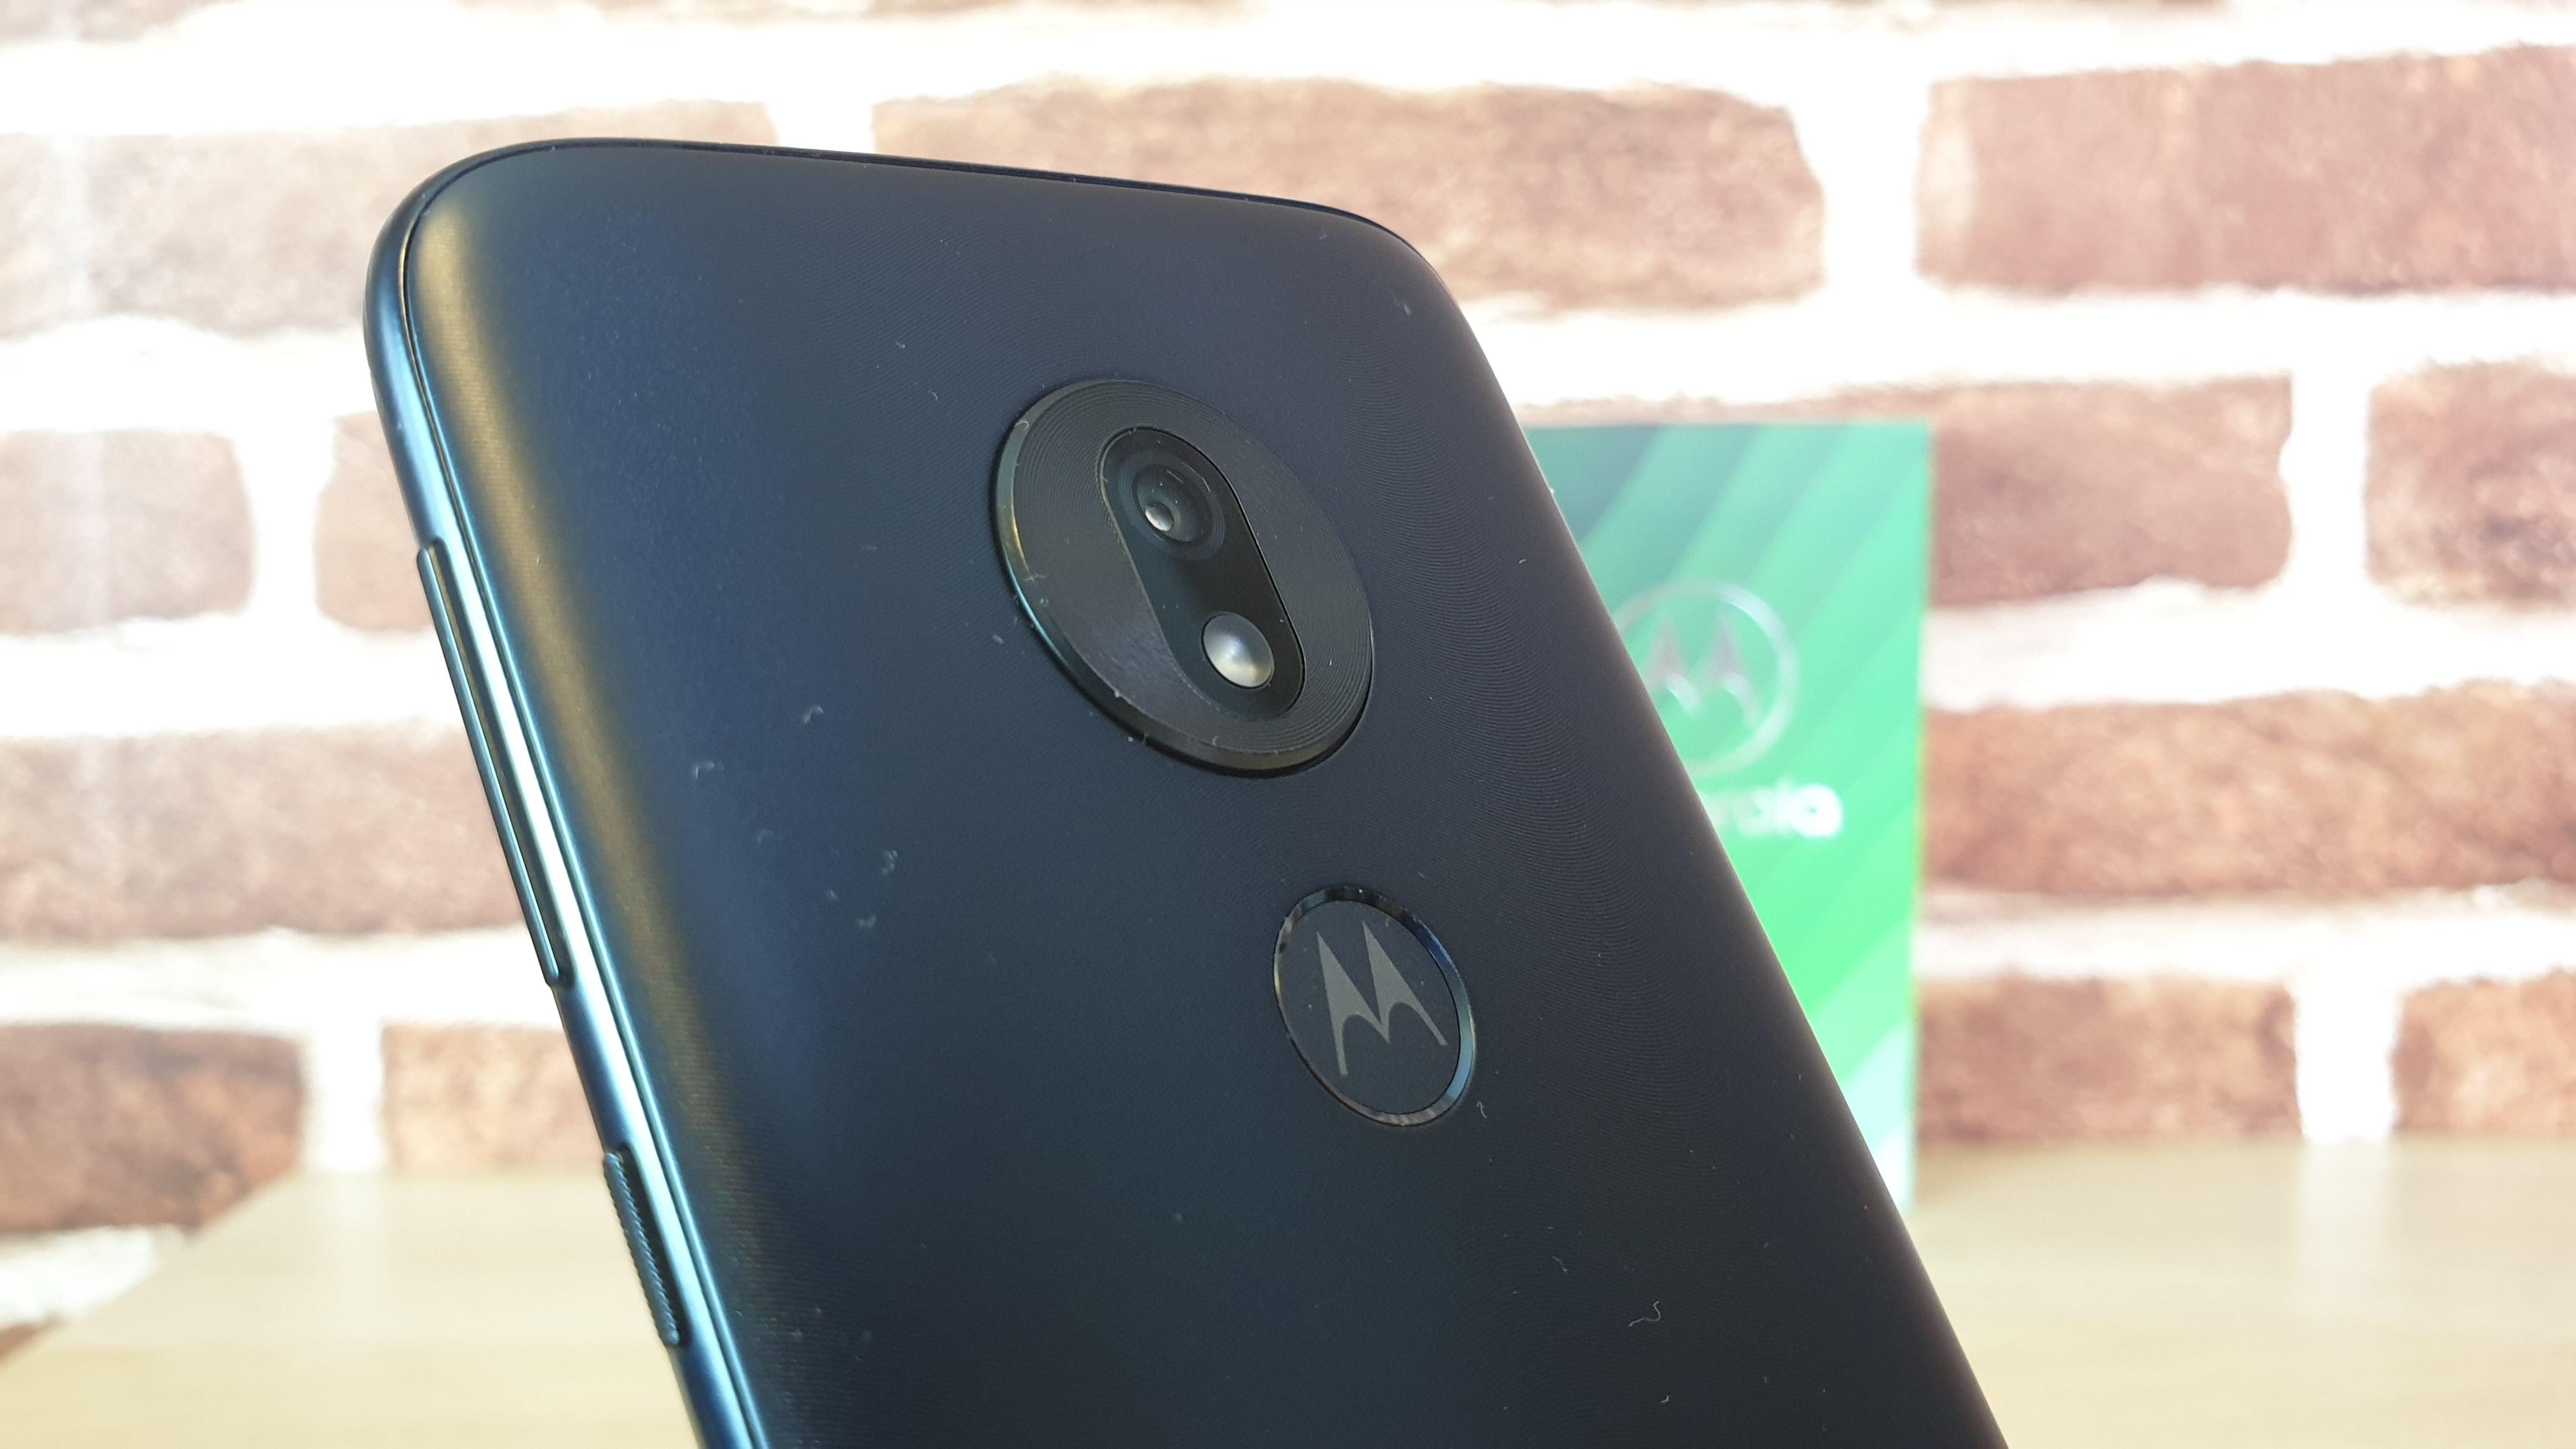 Recenzja Motoroli Moto G7 Play - czy to najlepszy smartfon do 700 złotych? 36